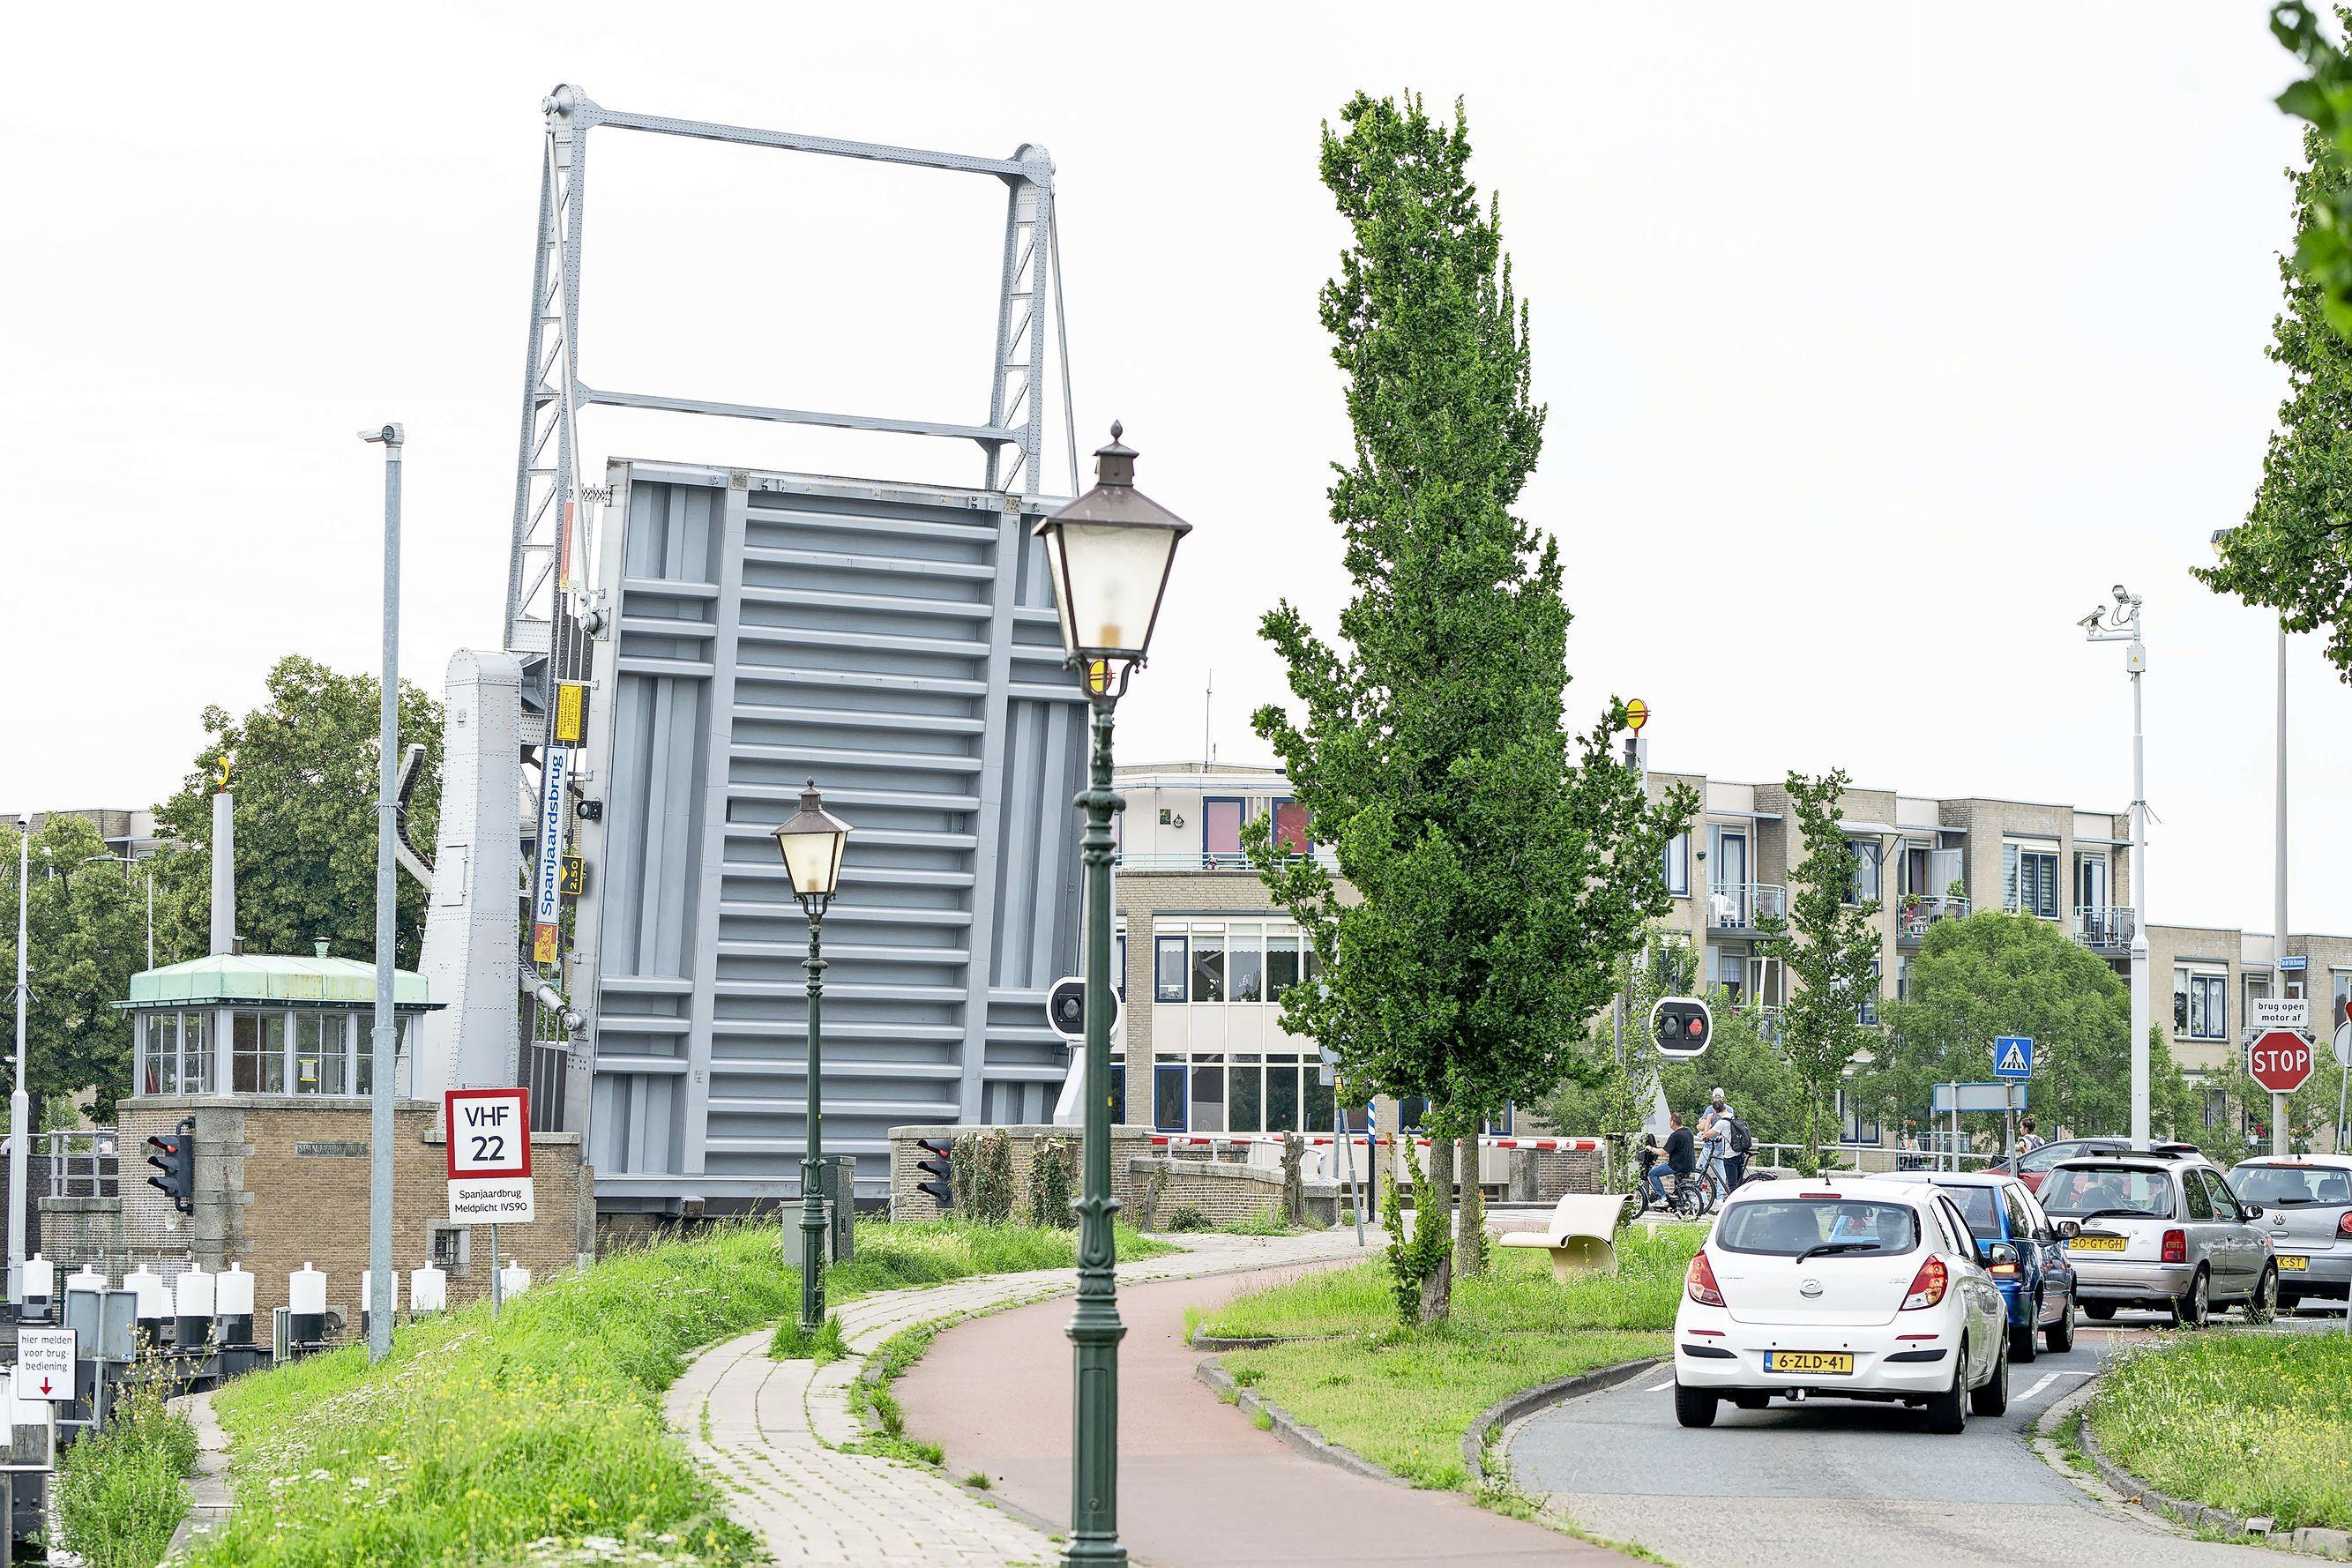 Oppositie Leiderdorp pleit weer voor veiliger kruising bij Spanjaardsbrug